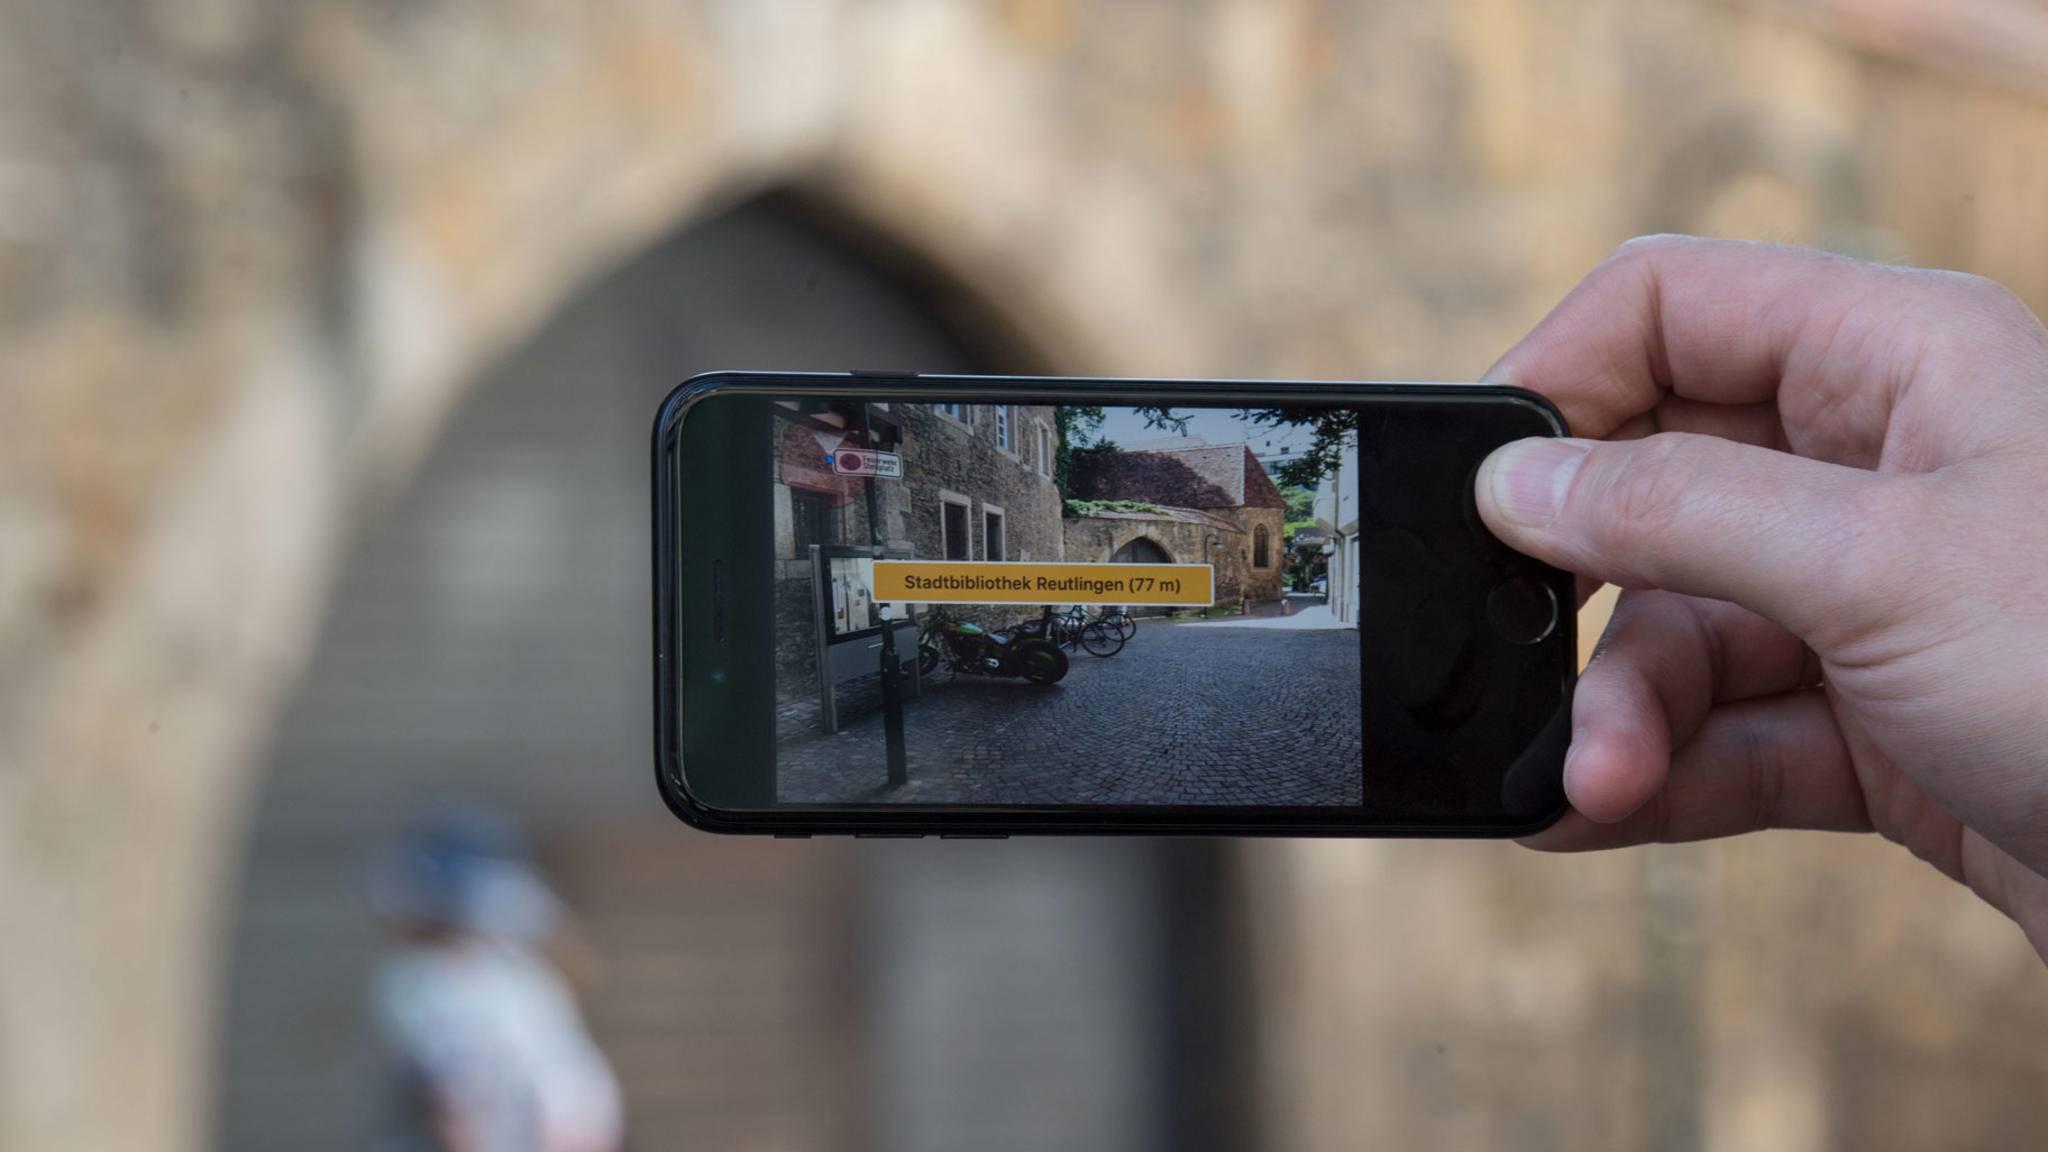 Interaktive Landkarten sind nur einer von vielen Anwendungsbereichen für Augmented Reality.